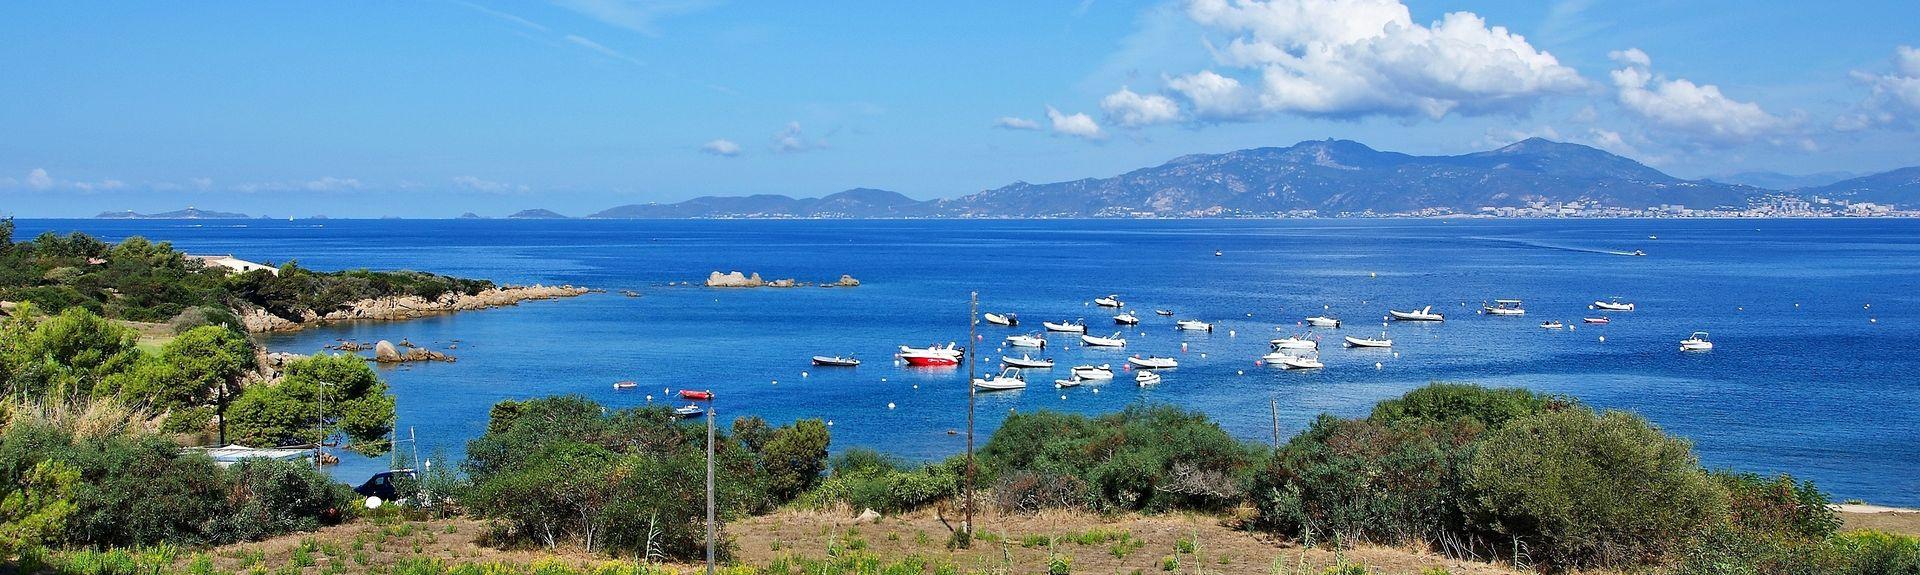 Portigliolo, Coti-Chiavari, Corse-du-Sud, France